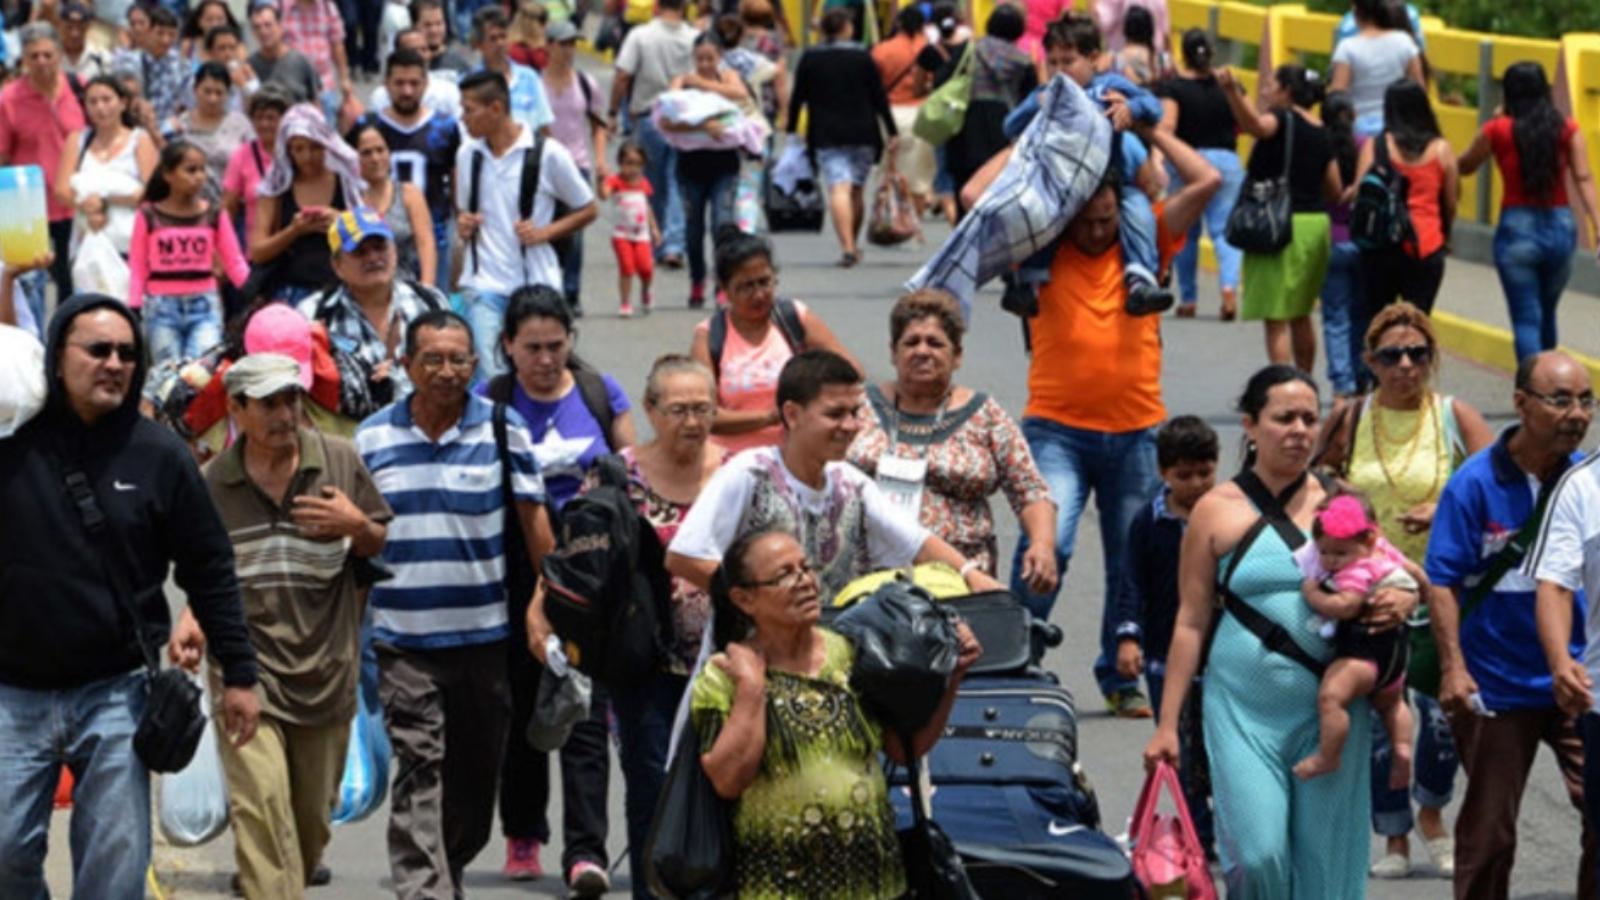 España dona 5 millones de euros en apoyo a los migrantes de Venezuela